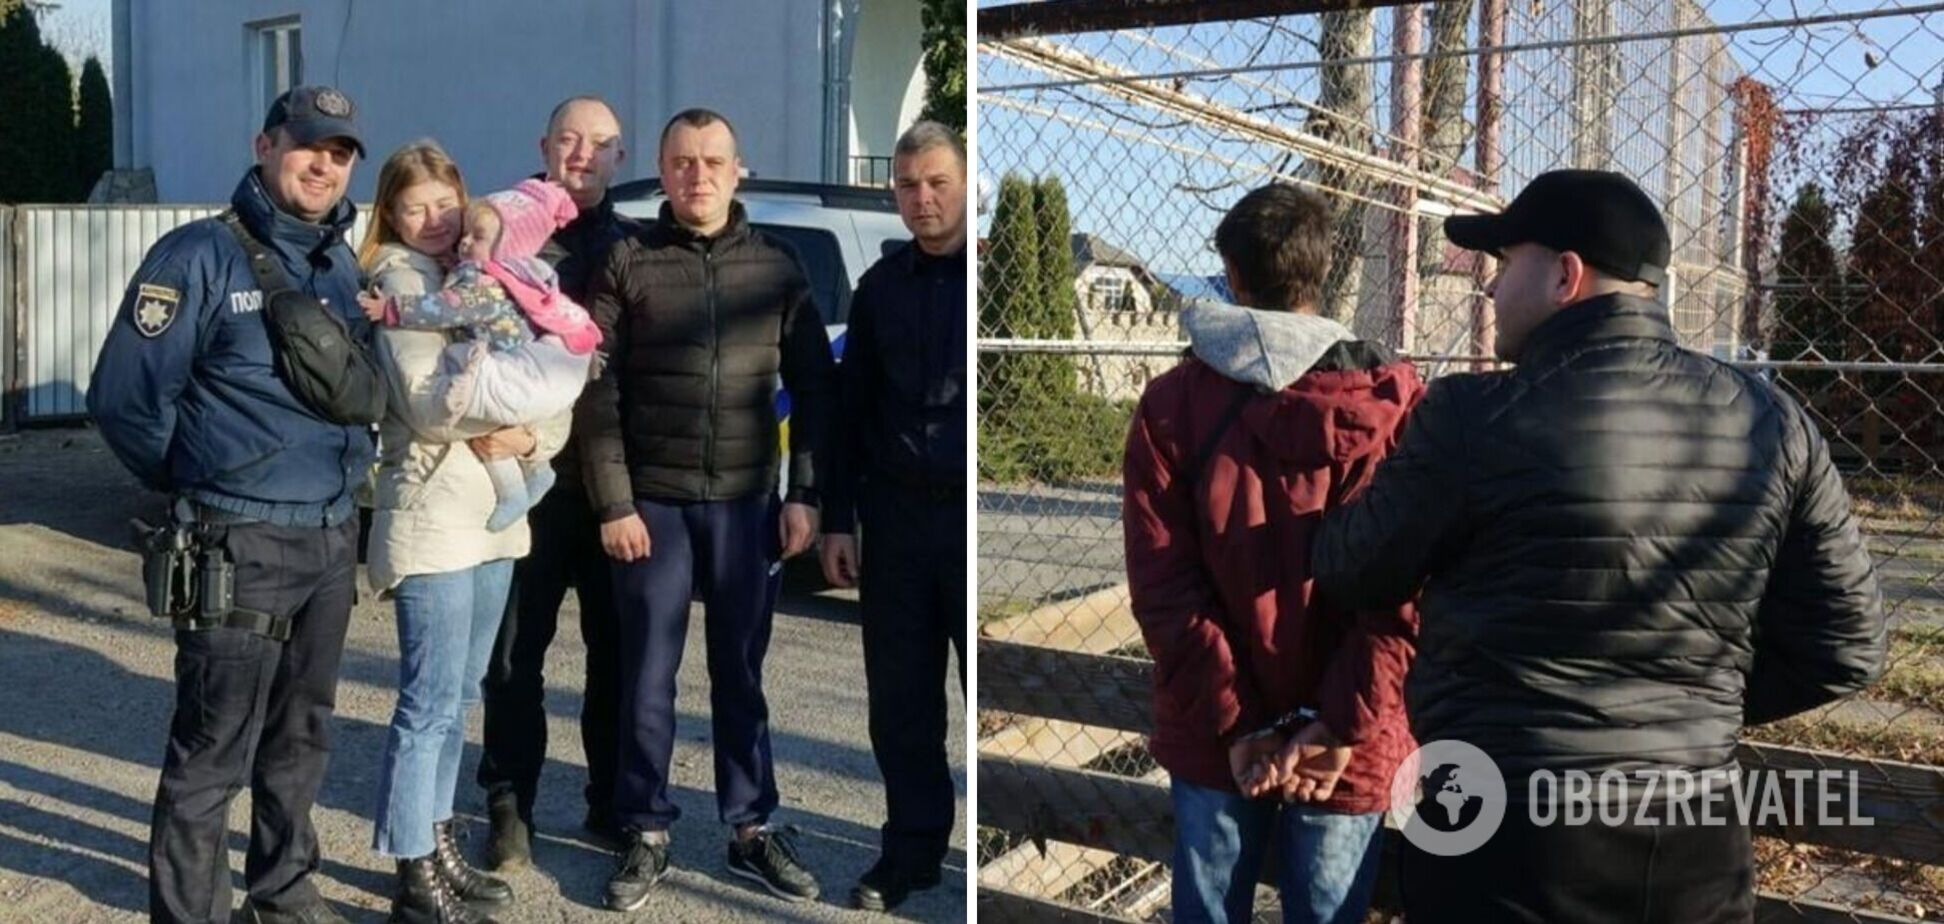 Полицейские нашли похищенную во Львове 9-месячную девочку: ребенка вывезли в другую область. Фото